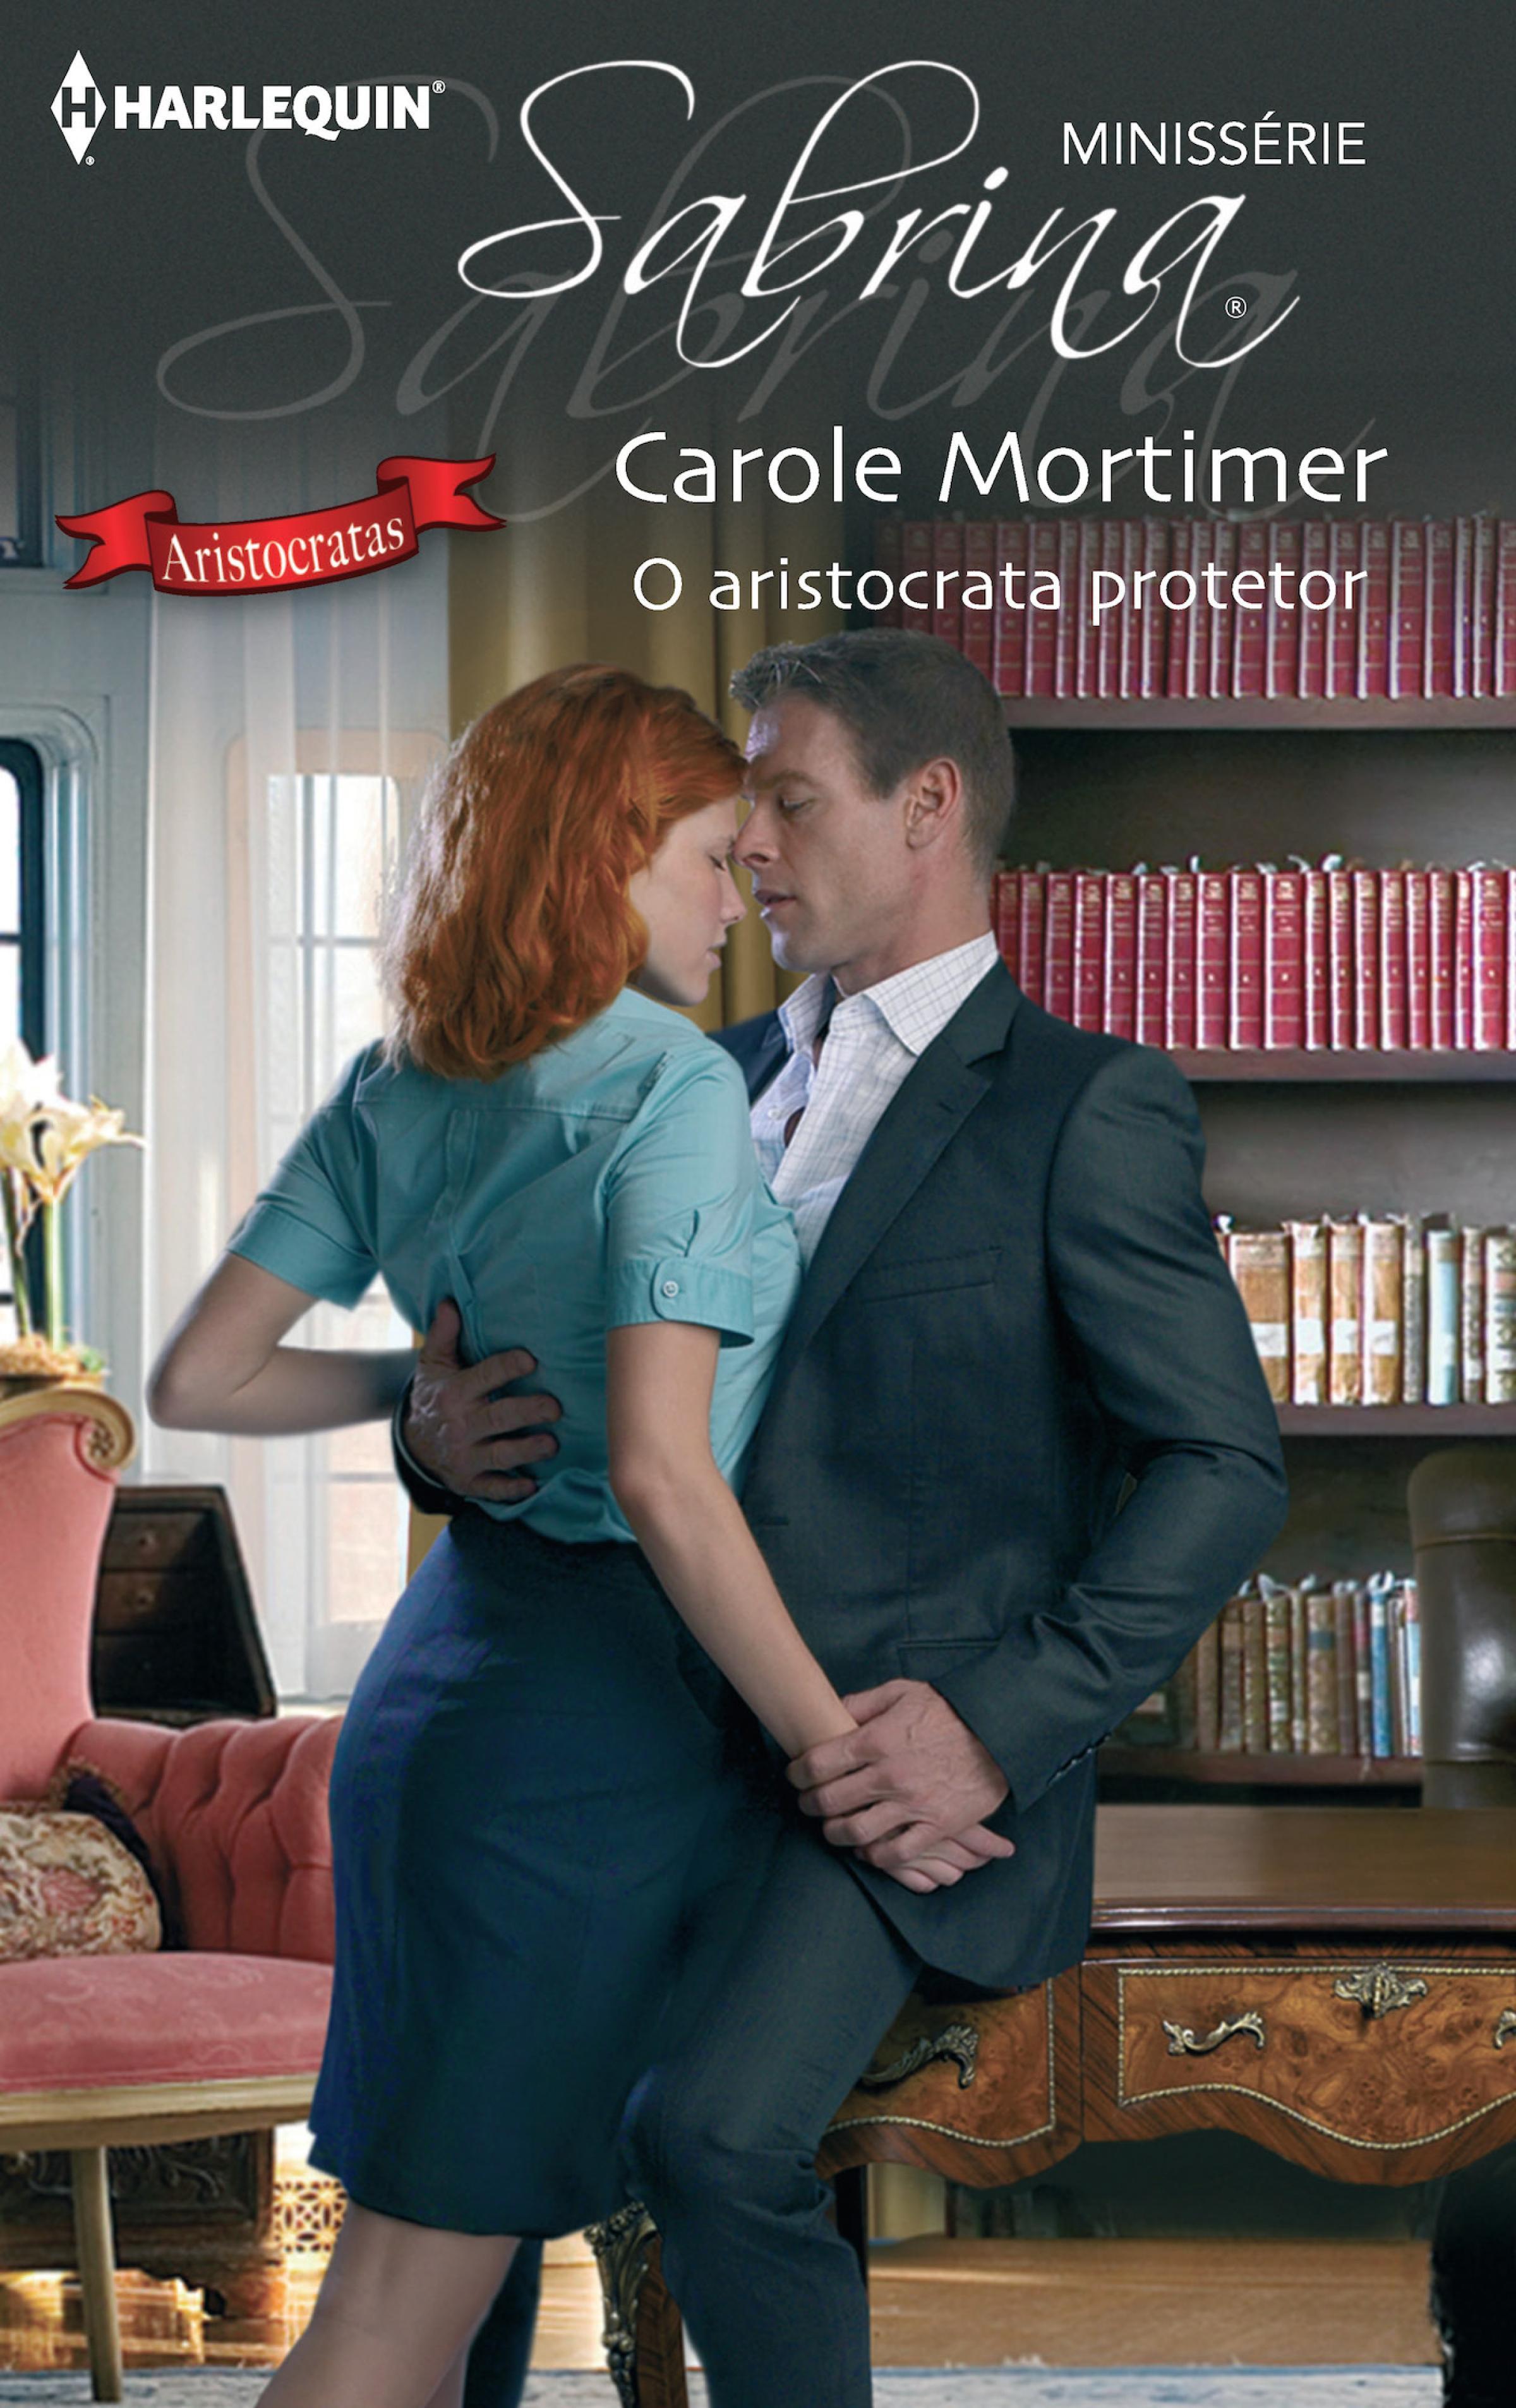 Carole Mortimer O aristocrata protetor carole mortimer tall dark